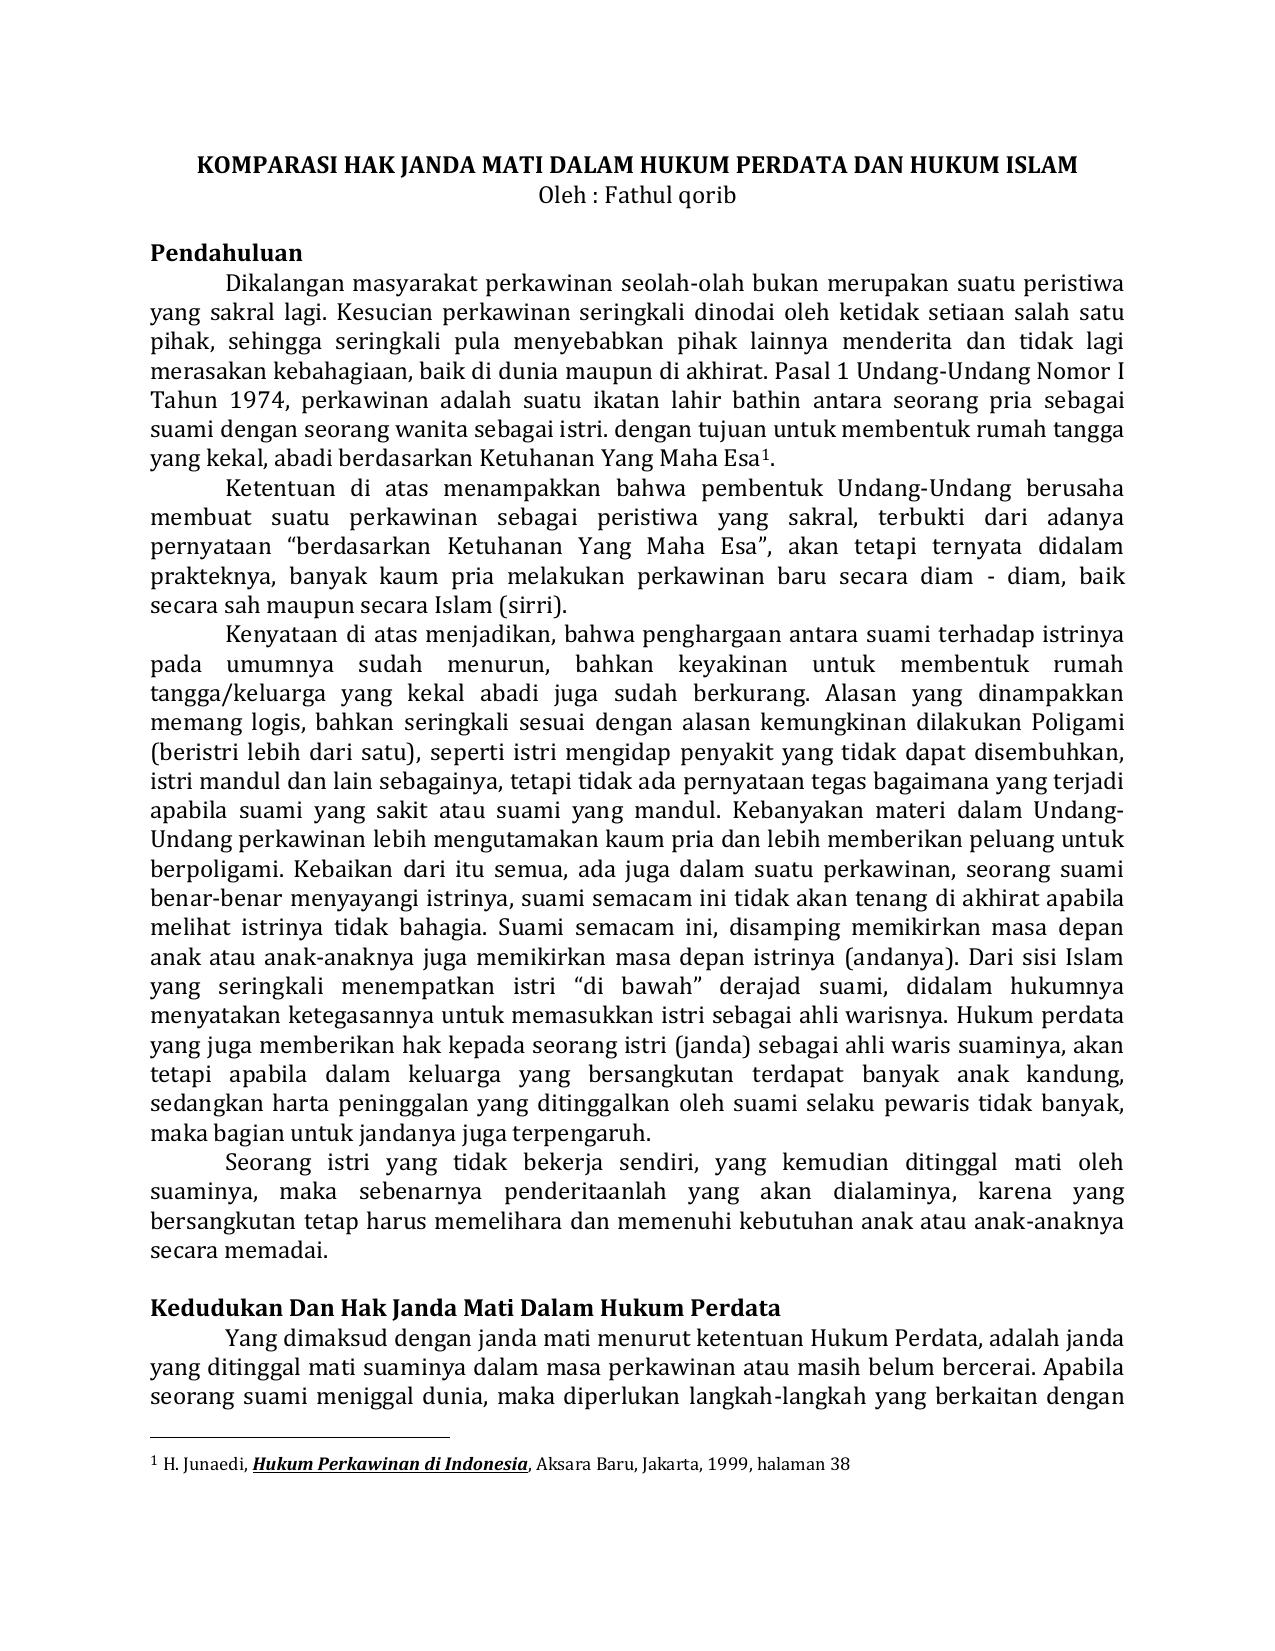 Komparasi Hak Janda Mati Dalam Hukum Perdata Dan Hukum Islam